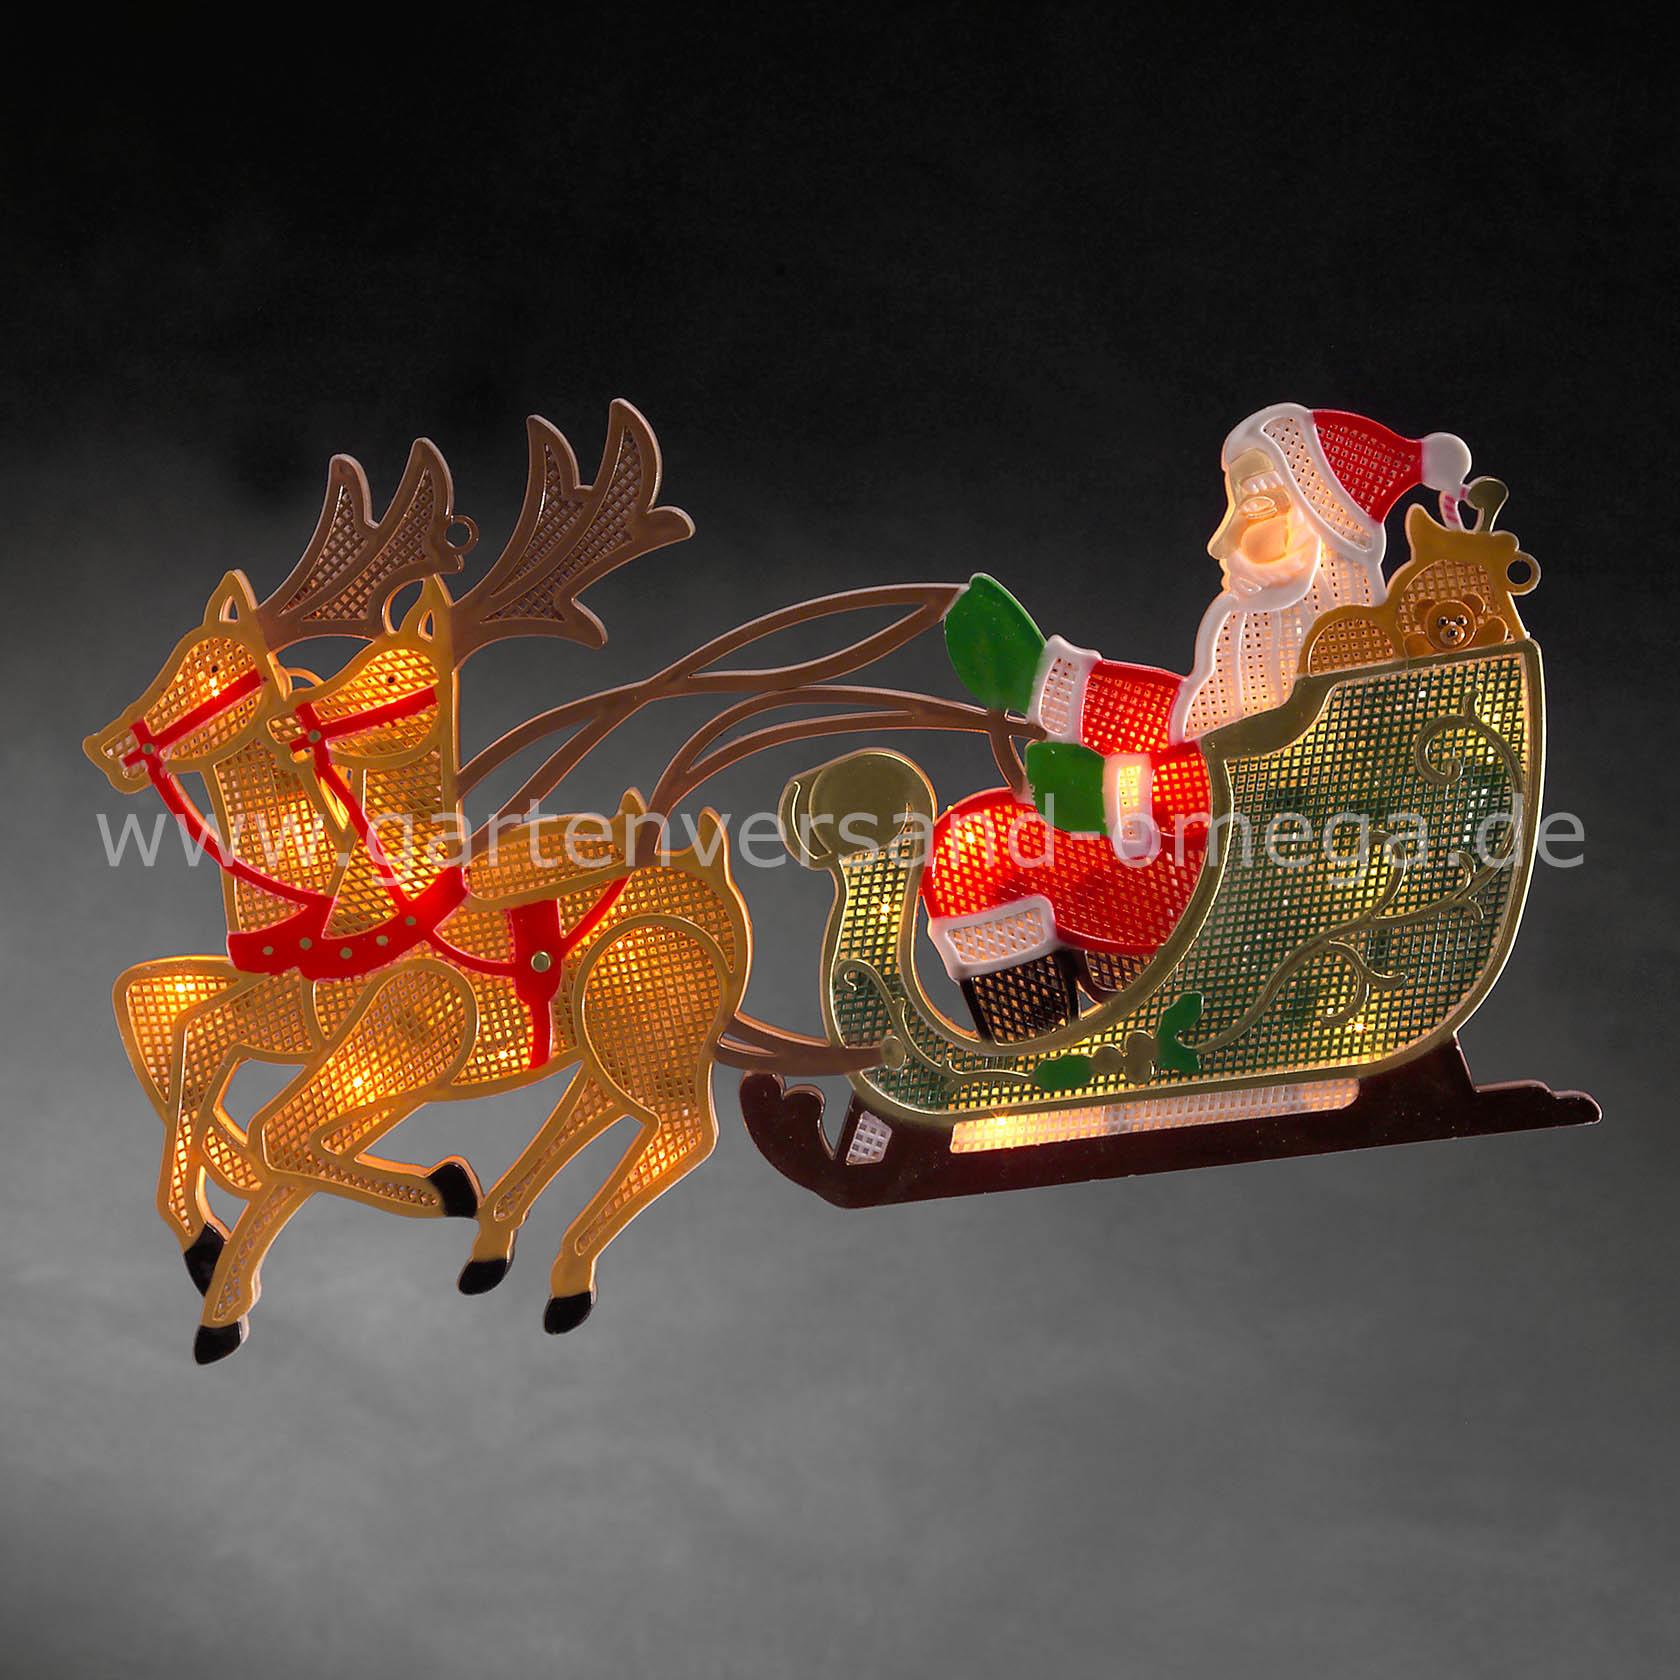 Led fensterbild rentier mit weihnachtsmann und schlitten fensterdekoration fensterbeleuchtung - Fensterbeleuchtung innen ...